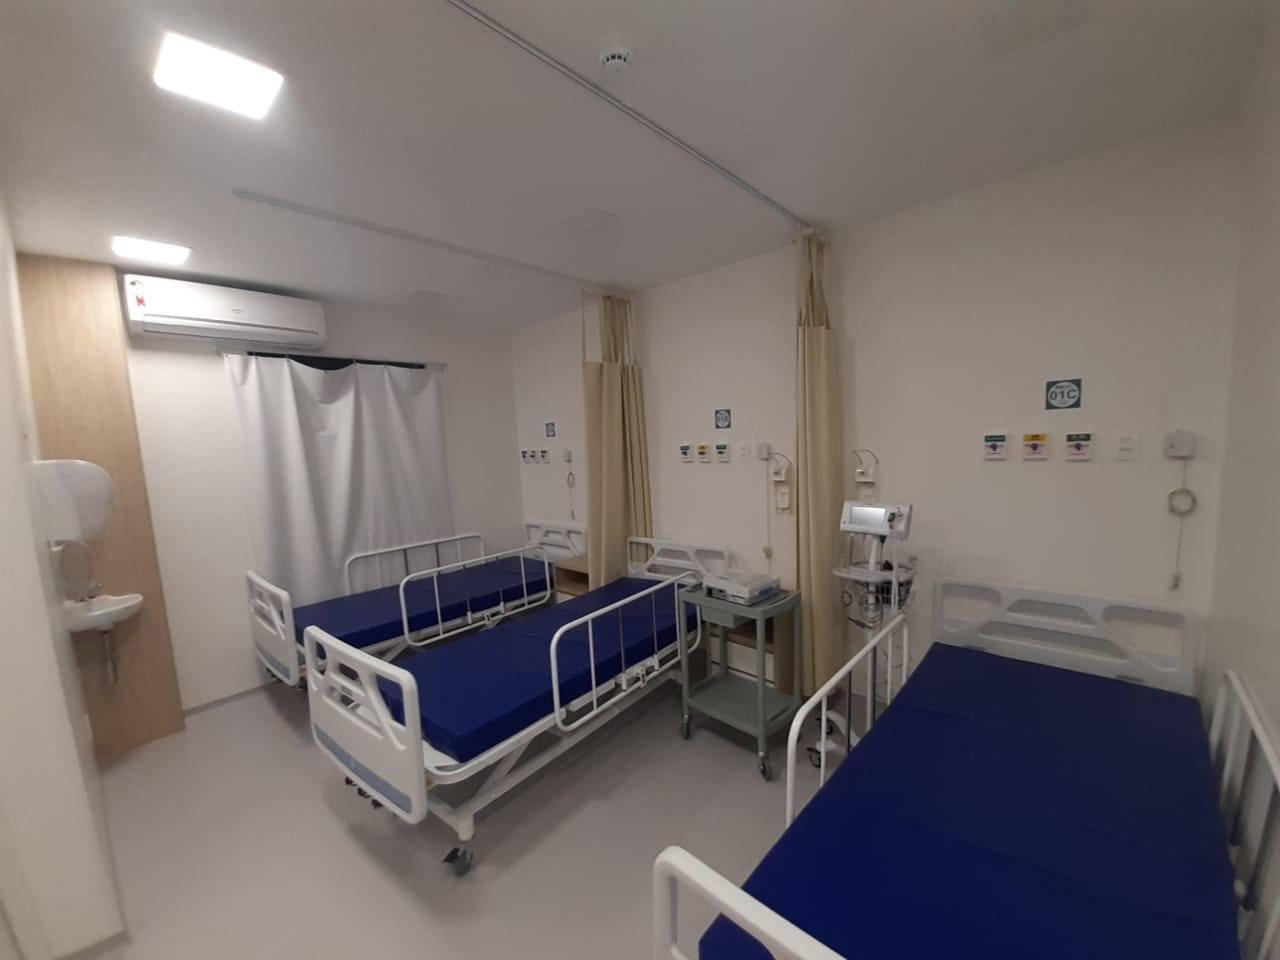 Três leitos do hospital construído em módulos.